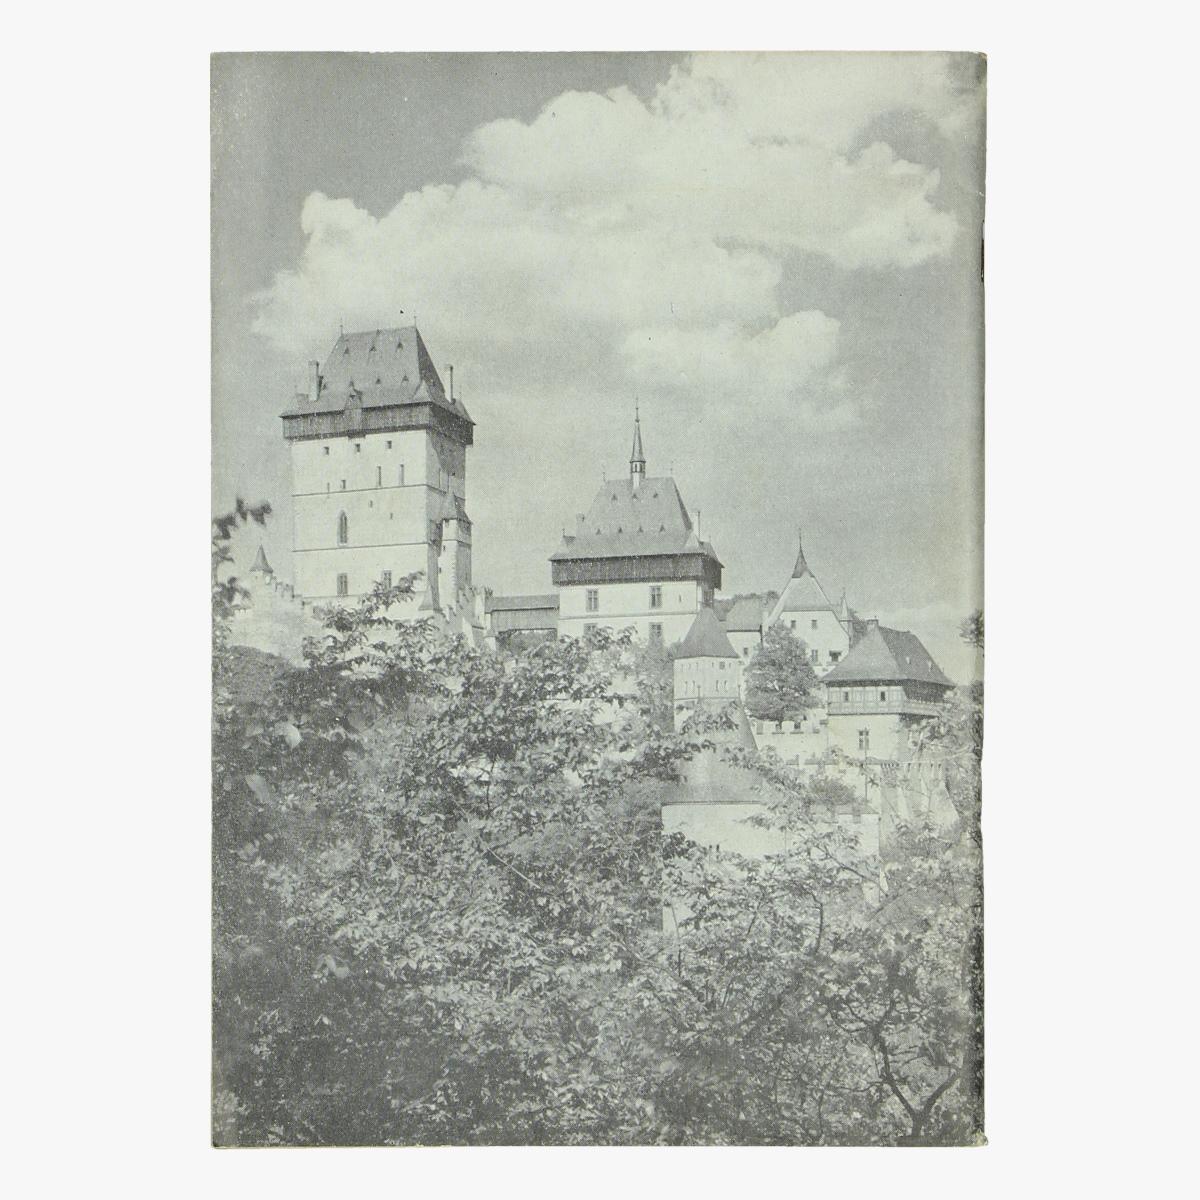 Afbeeldingen van expo 58 gids la tchecoslovaquie